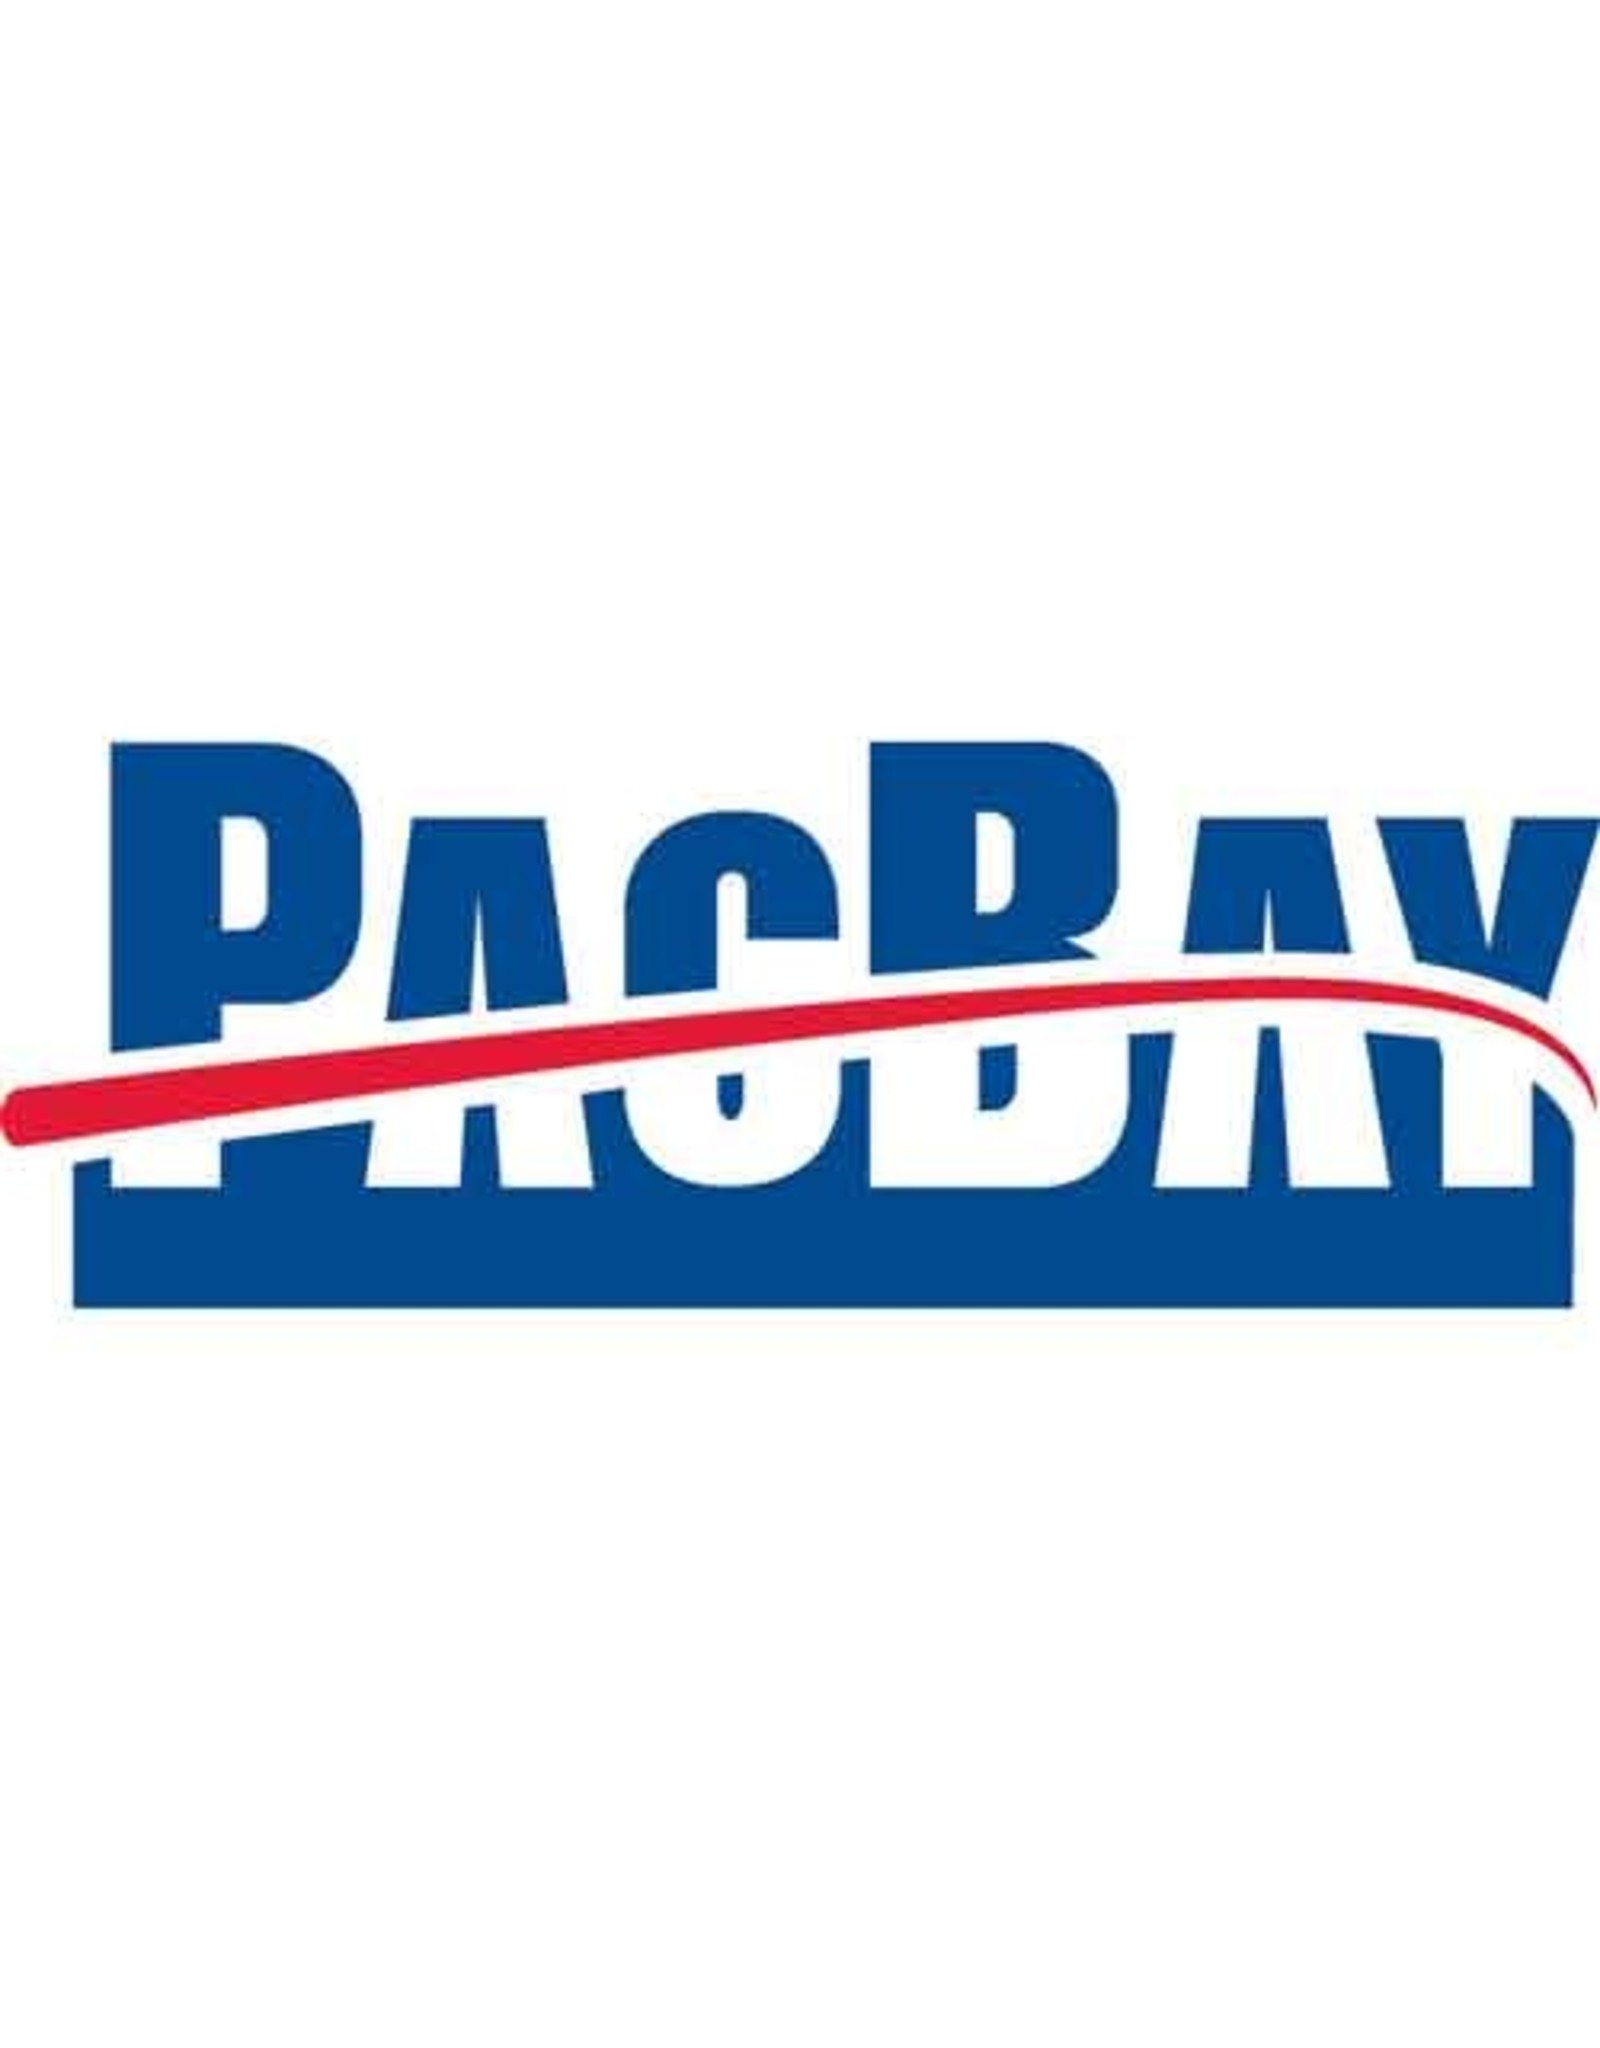 PacBay SV MINIMA GUIDE BLK E-COAT TIGOLD 30